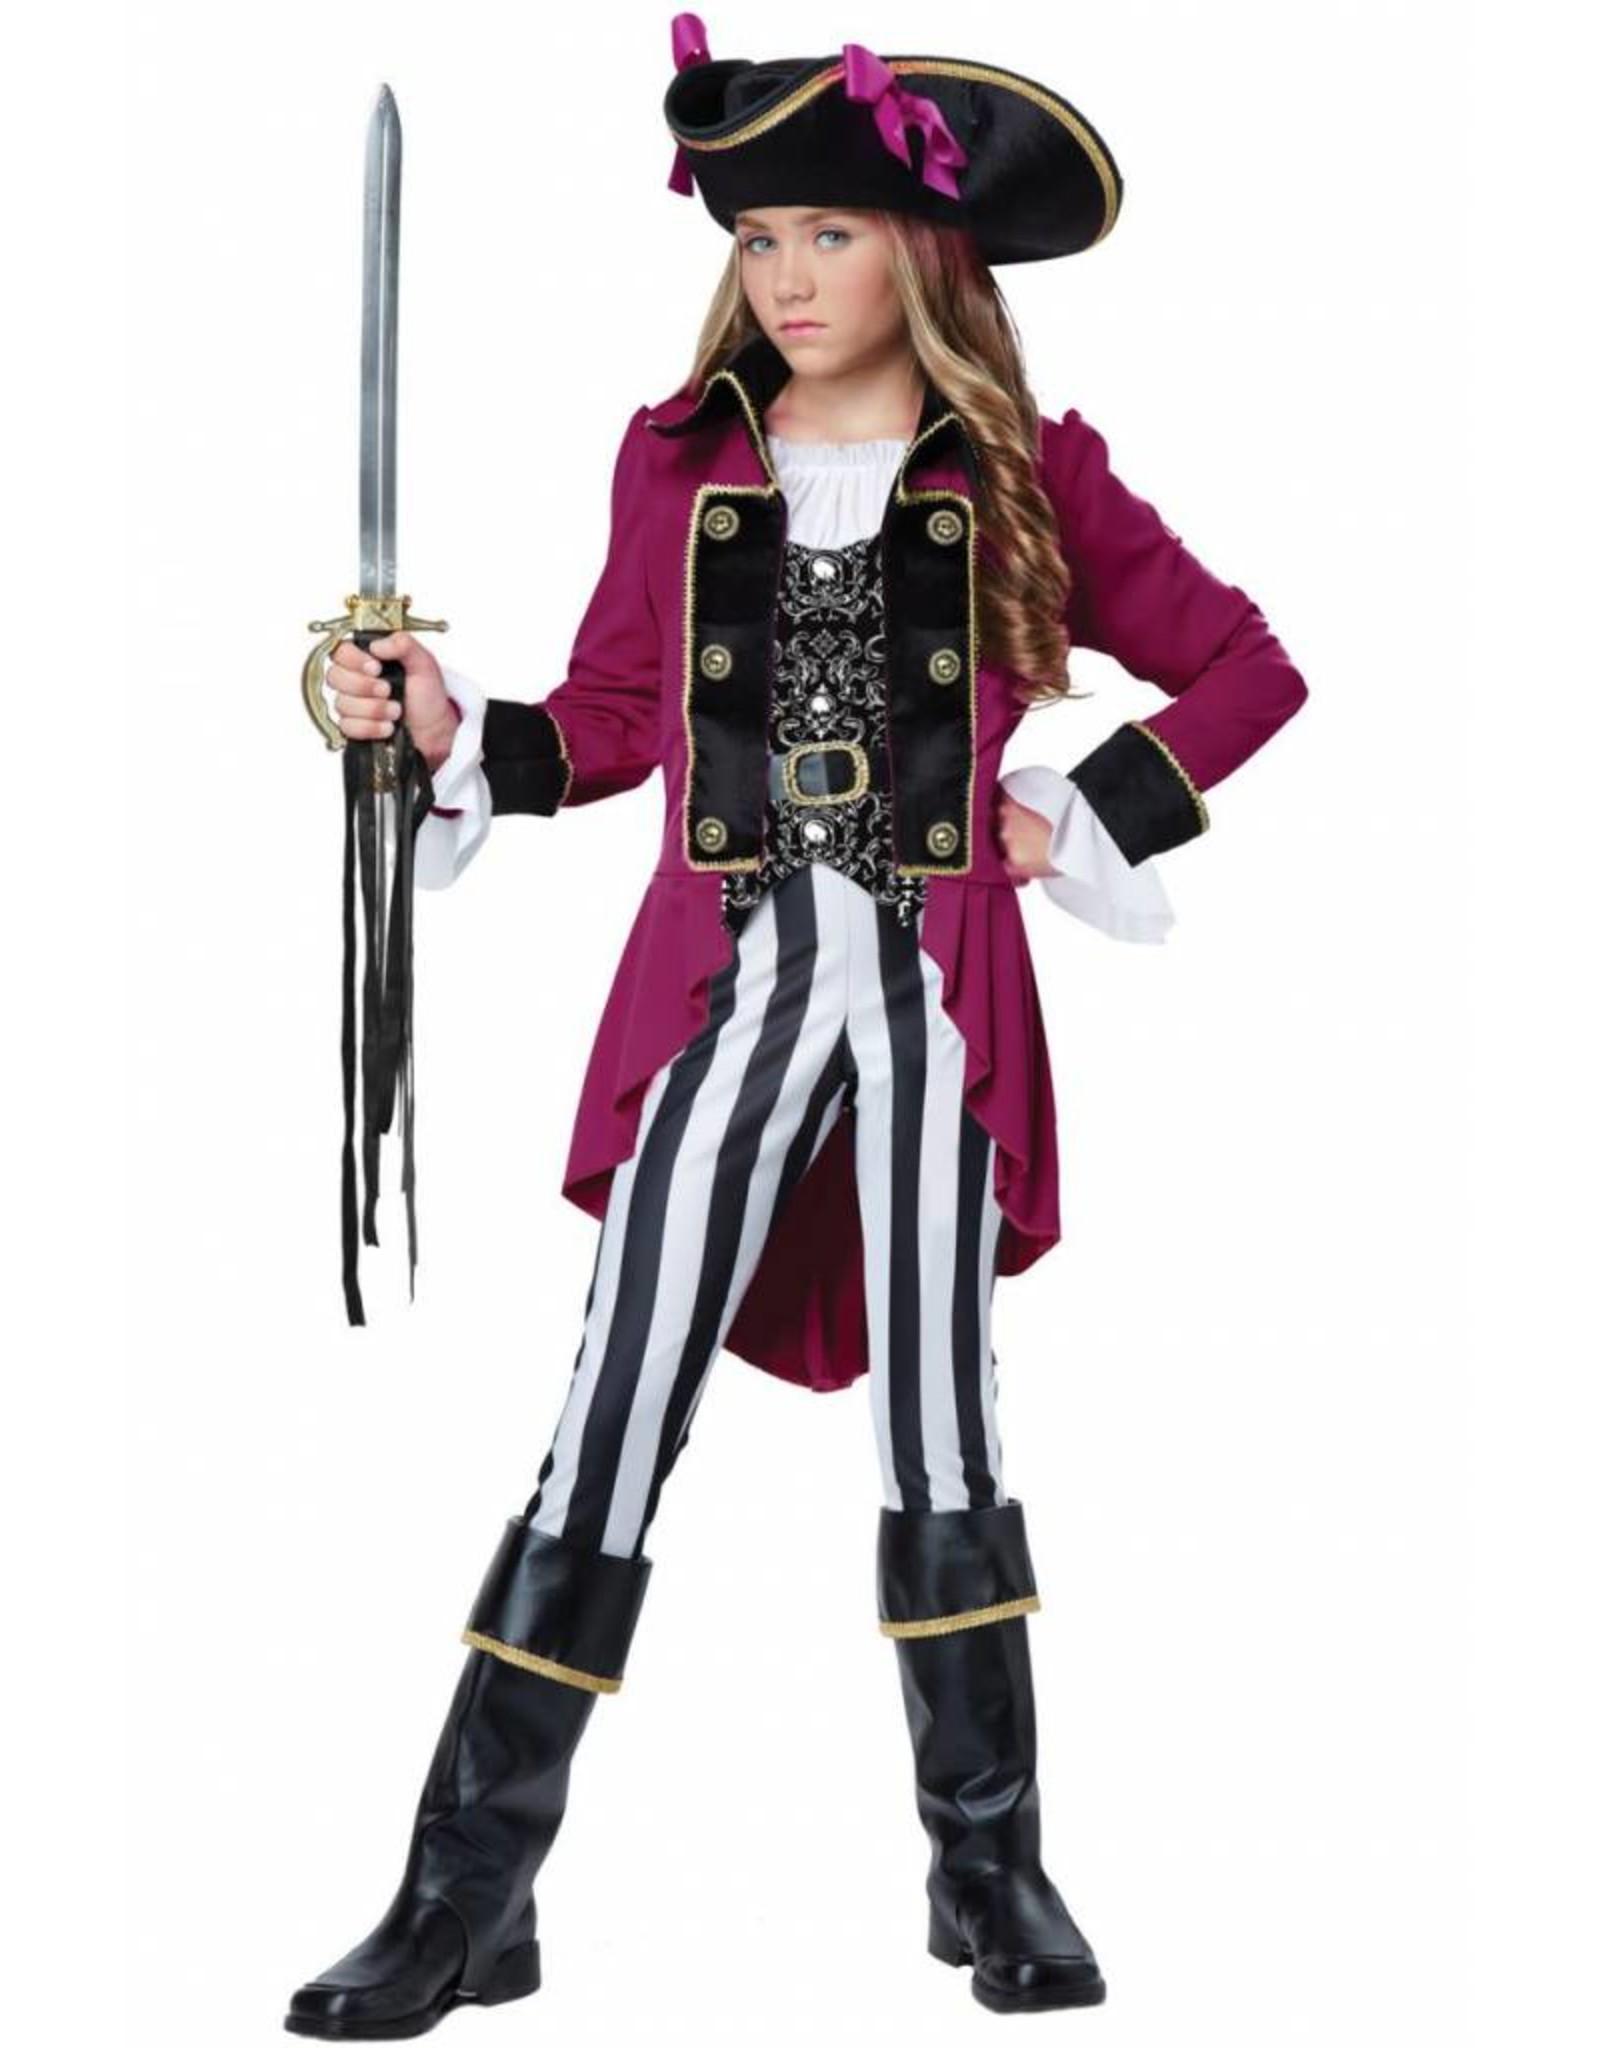 California Costume Fashion Pirate